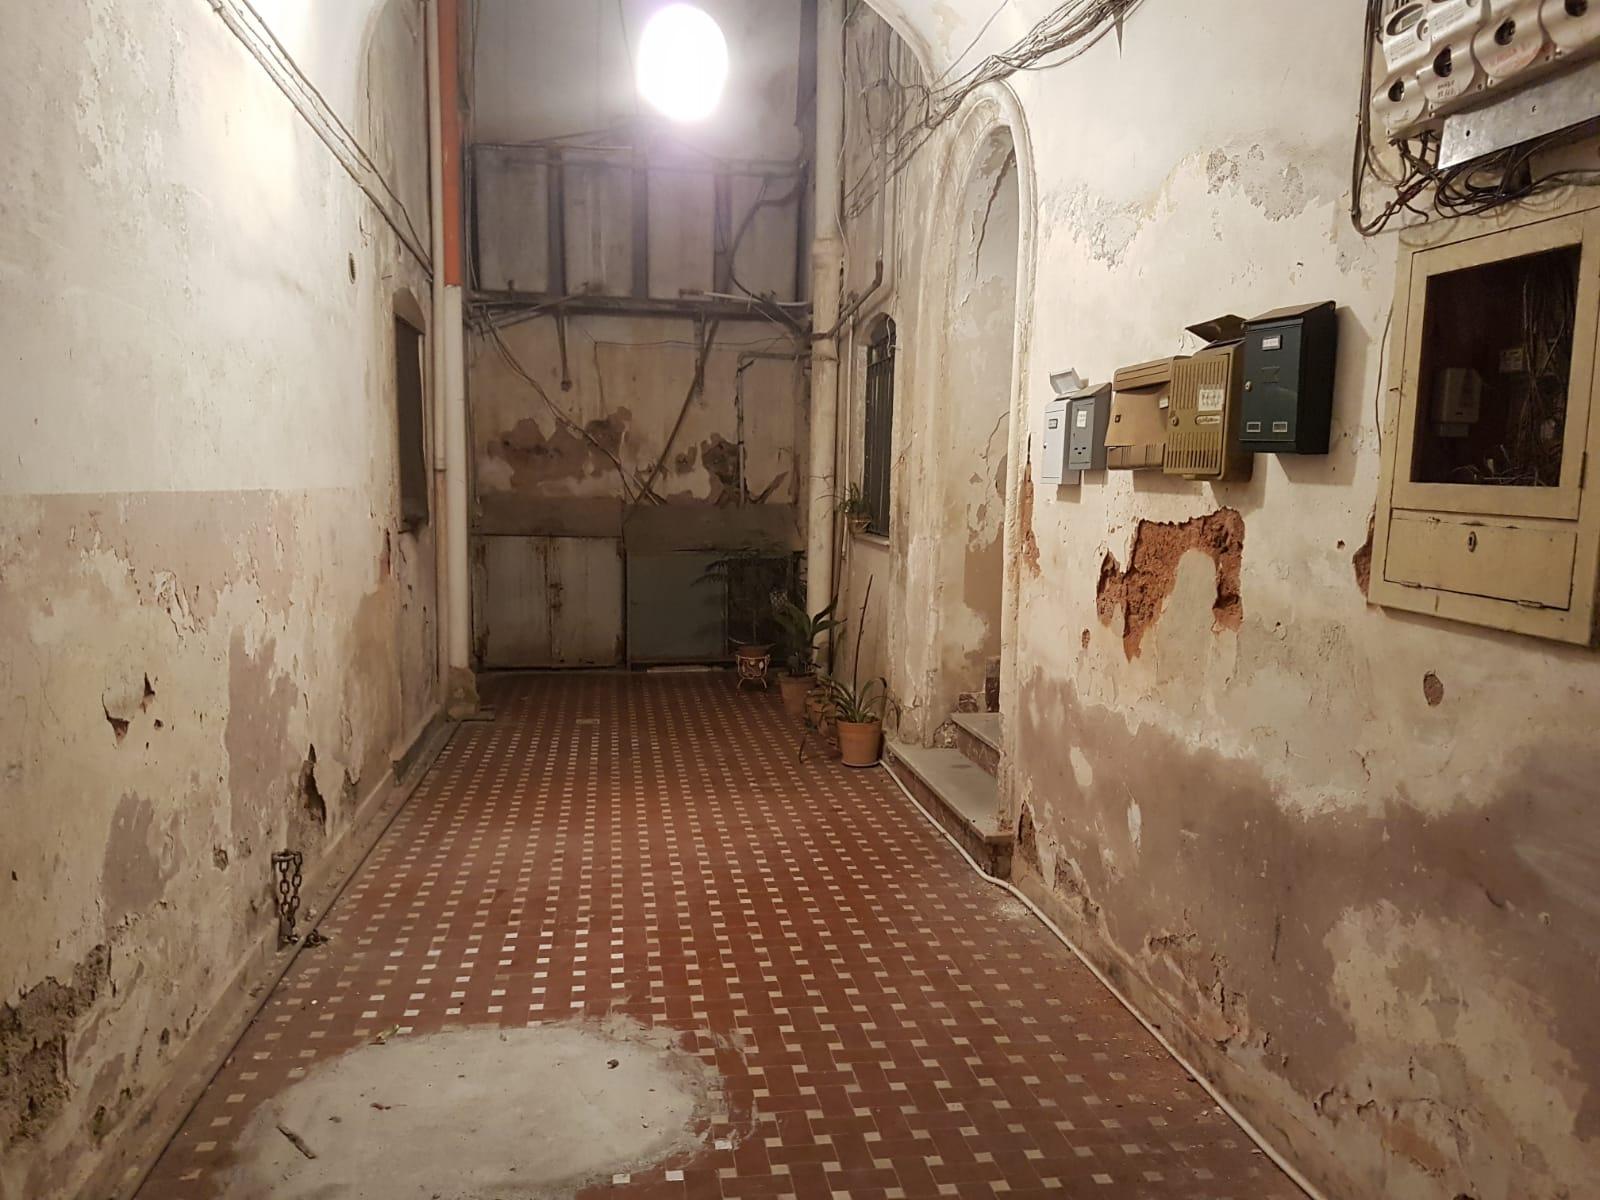 Catania fitti sugli immobili privati verifiche a tappeto for Affitti catania privati non arredati